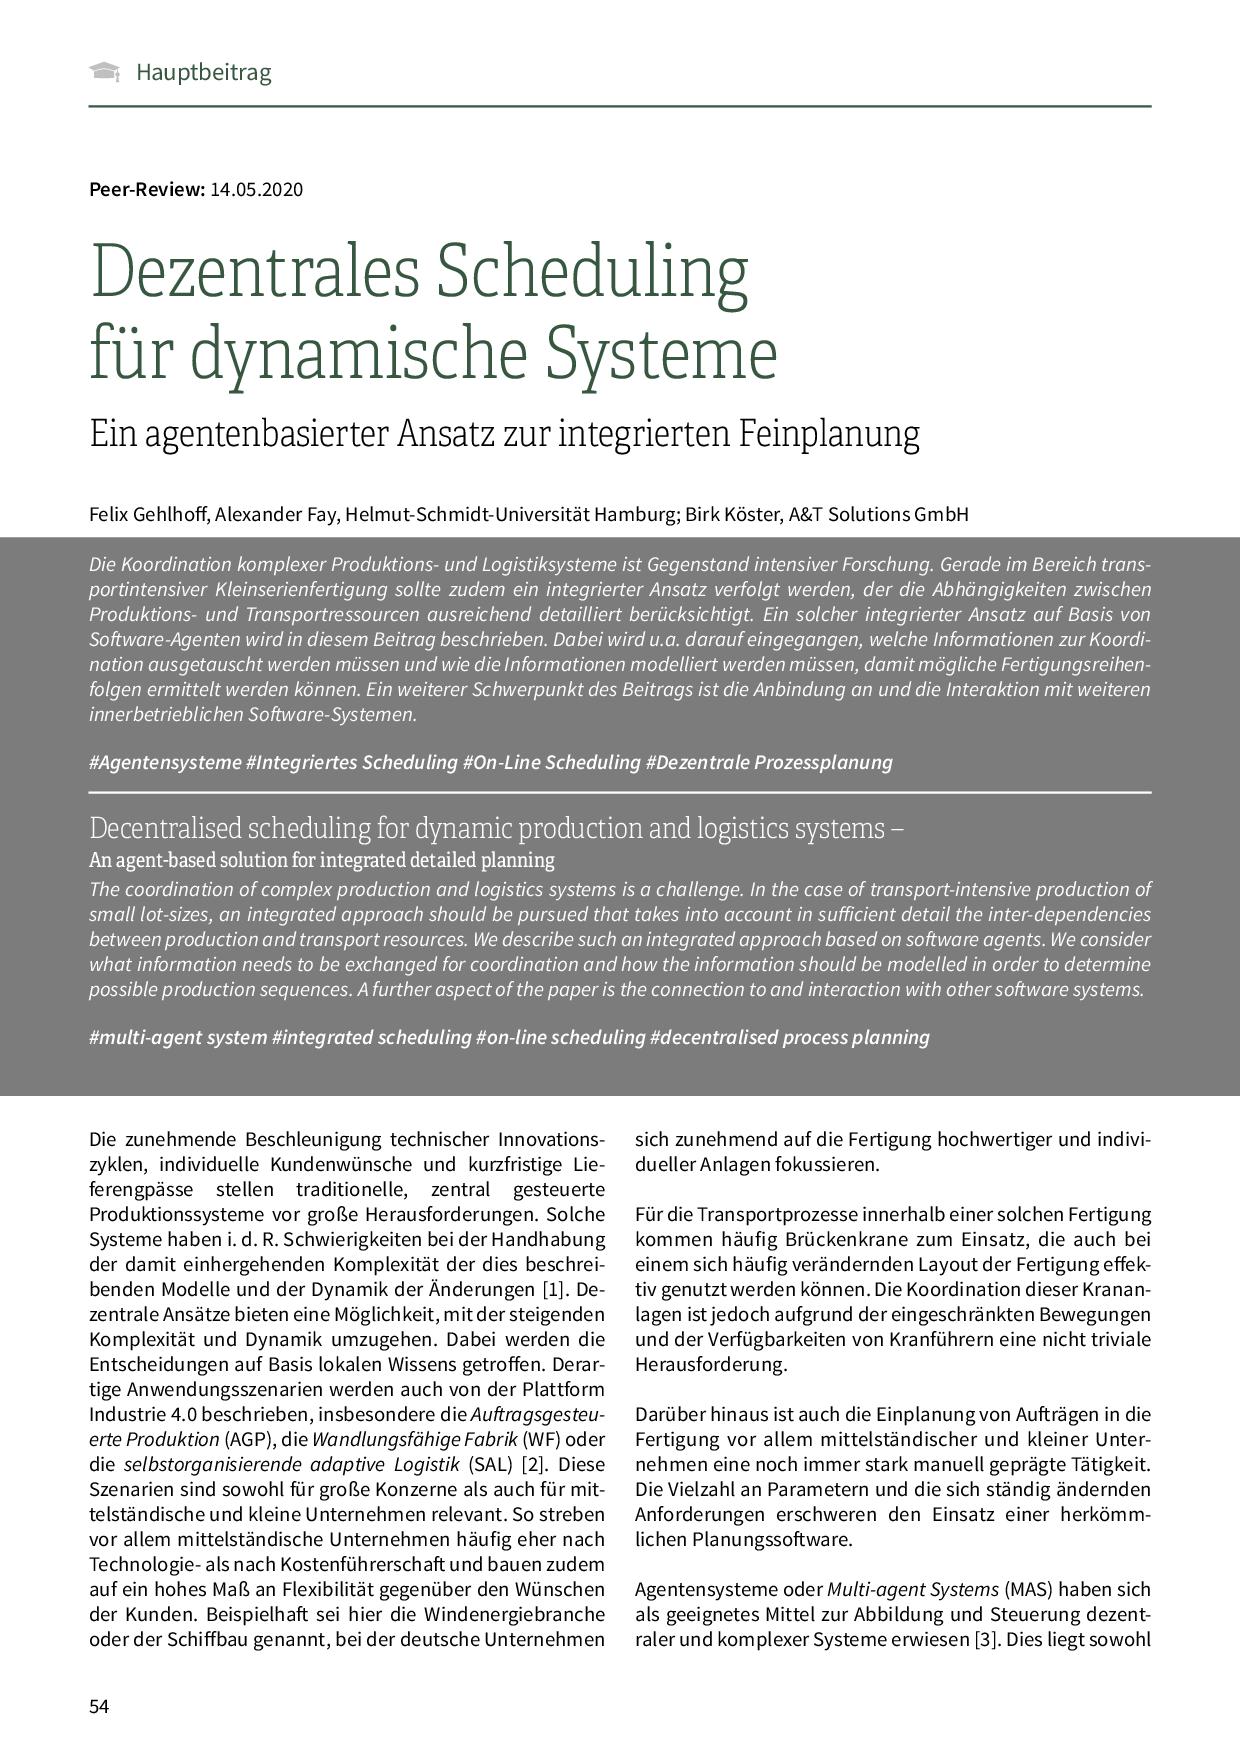 Dezentrales Scheduling für dynamische Systeme